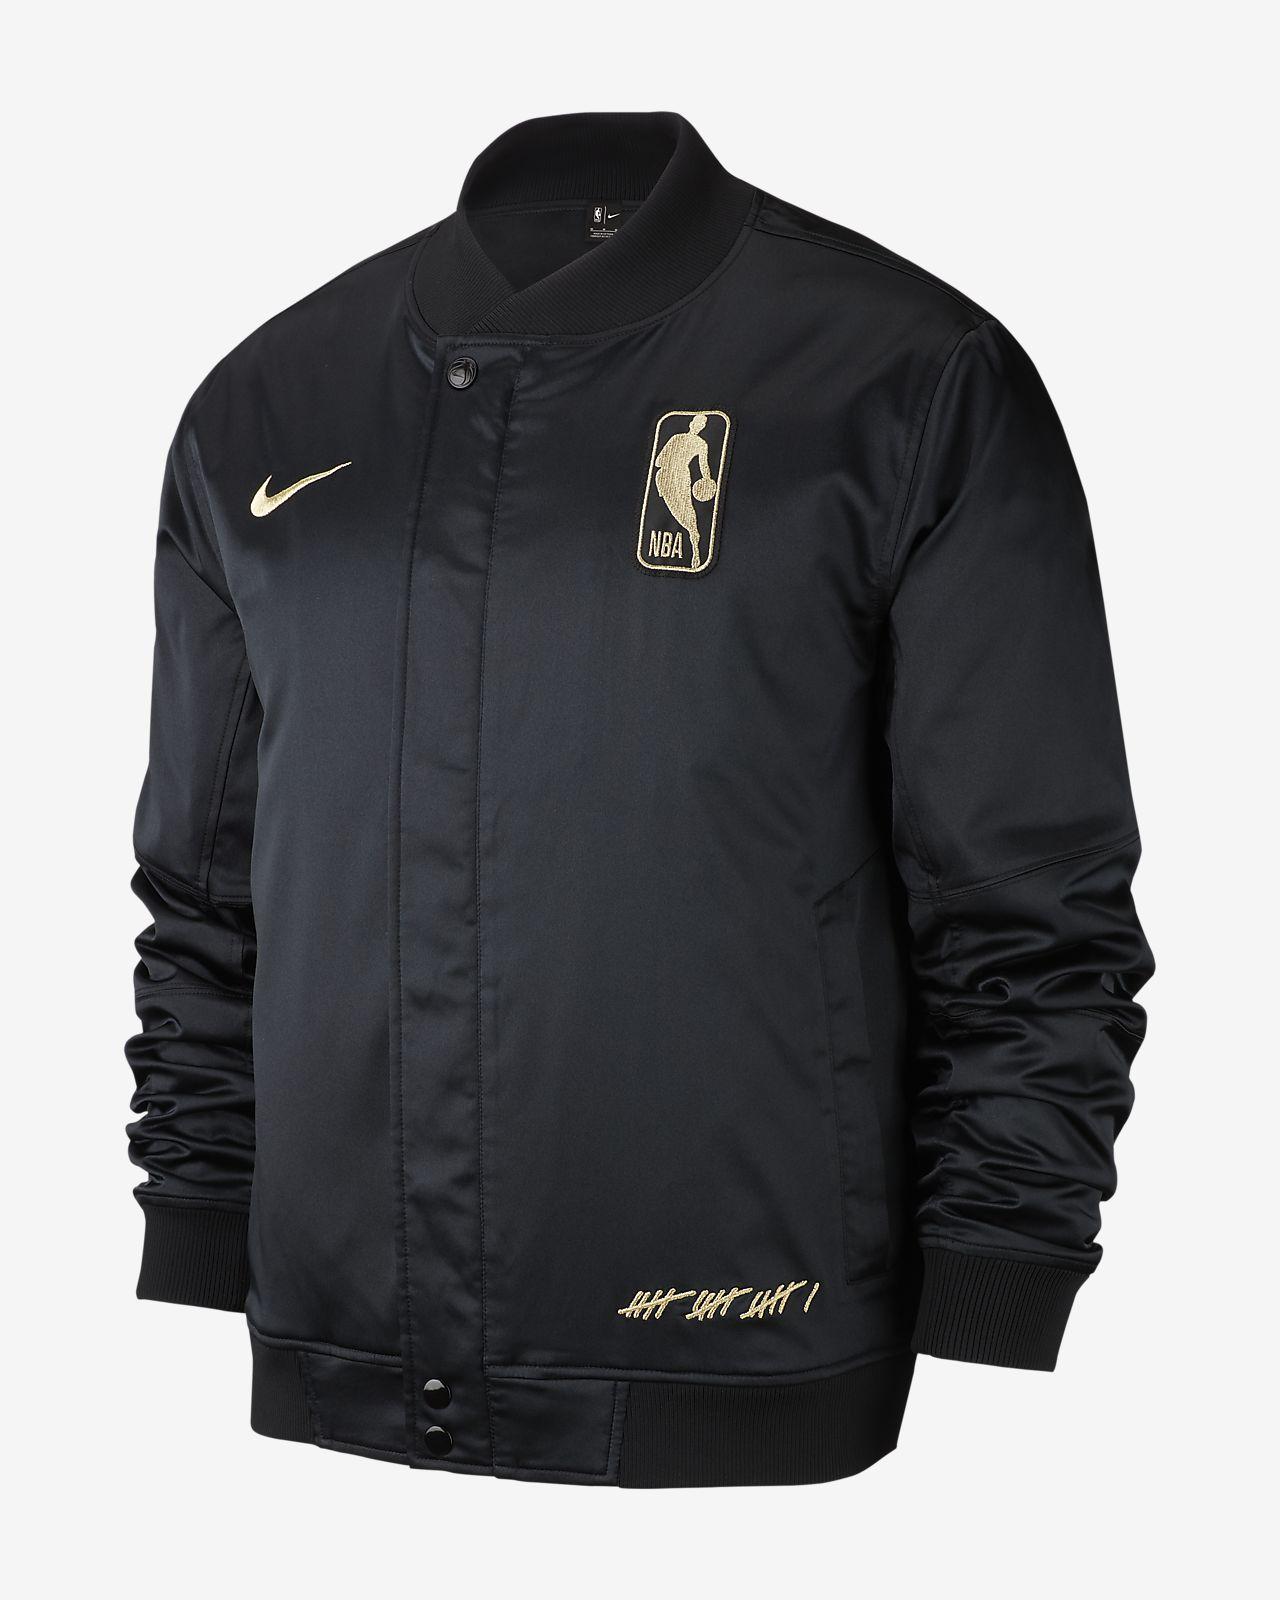 Association Homme Nba Pour Veste Nike Ca Finals aTqqx6ZtUw